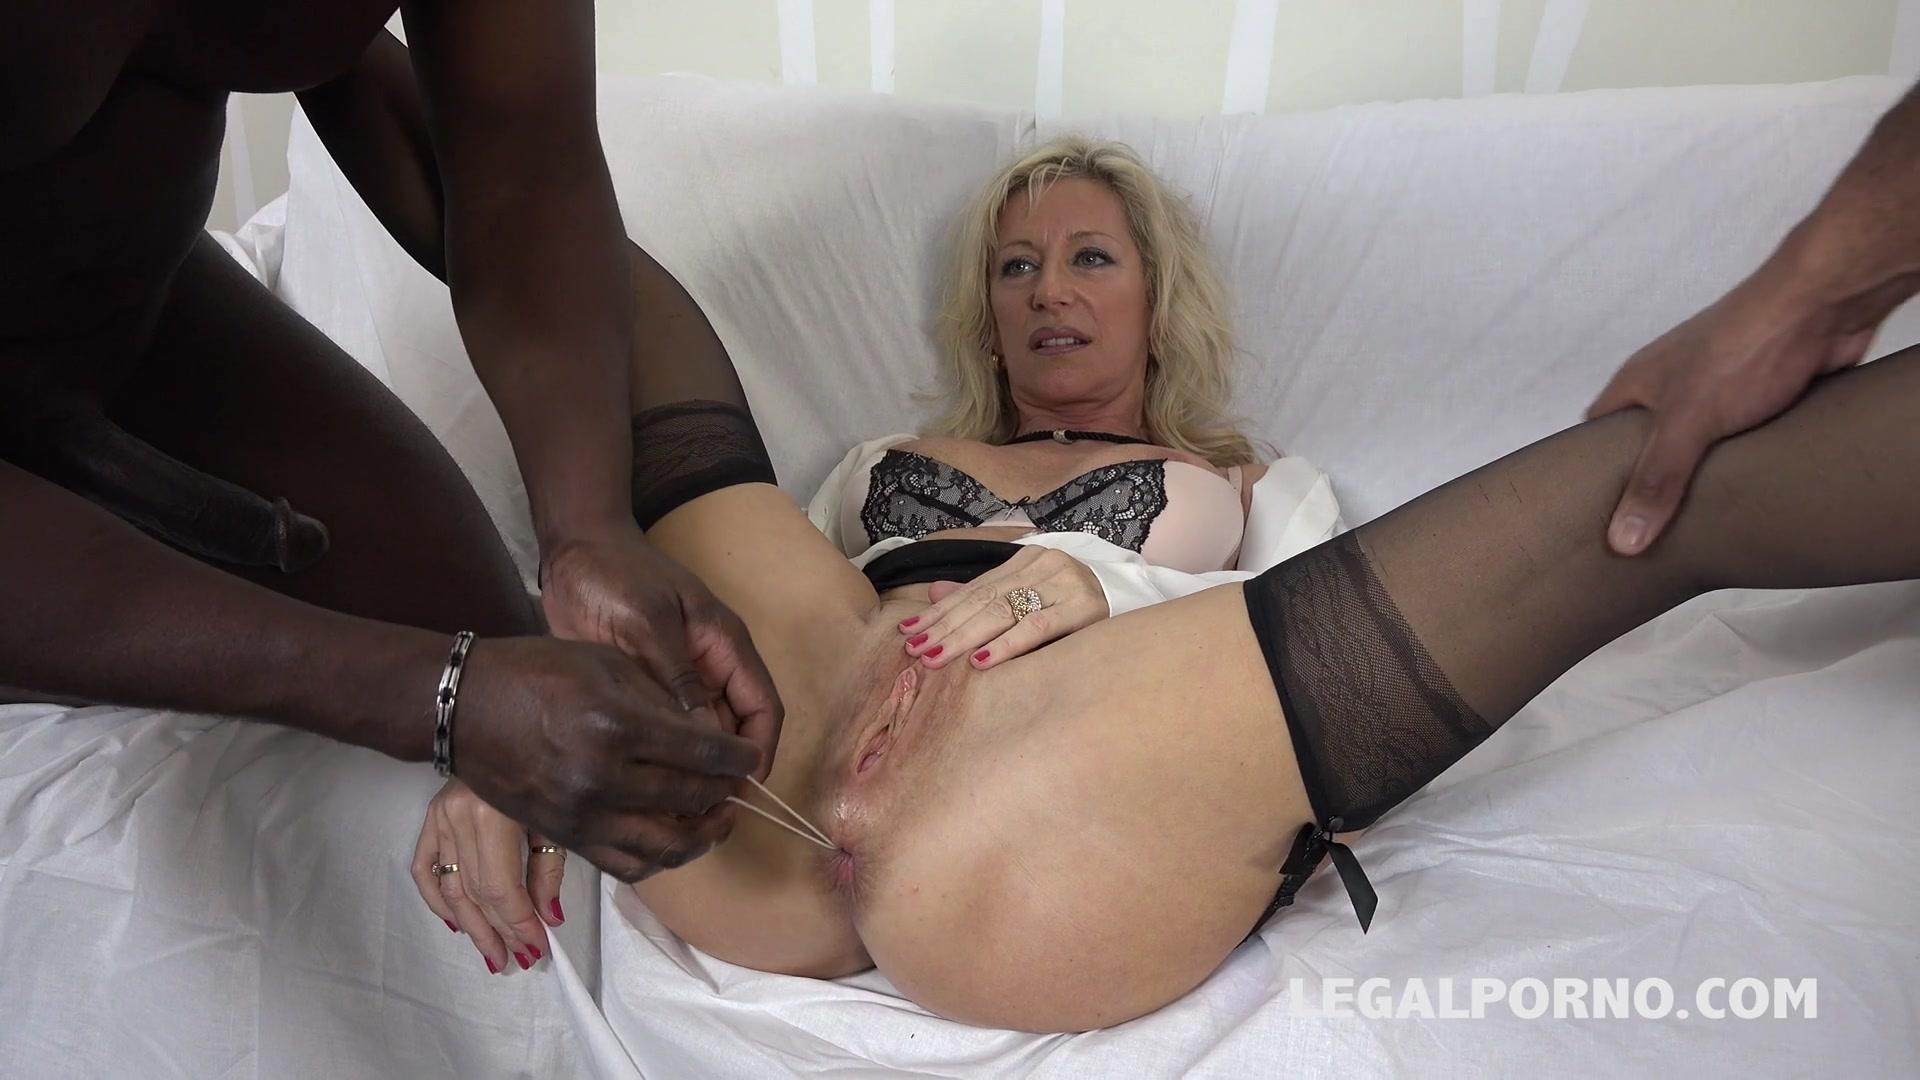 Petite Asian Big Black Cock